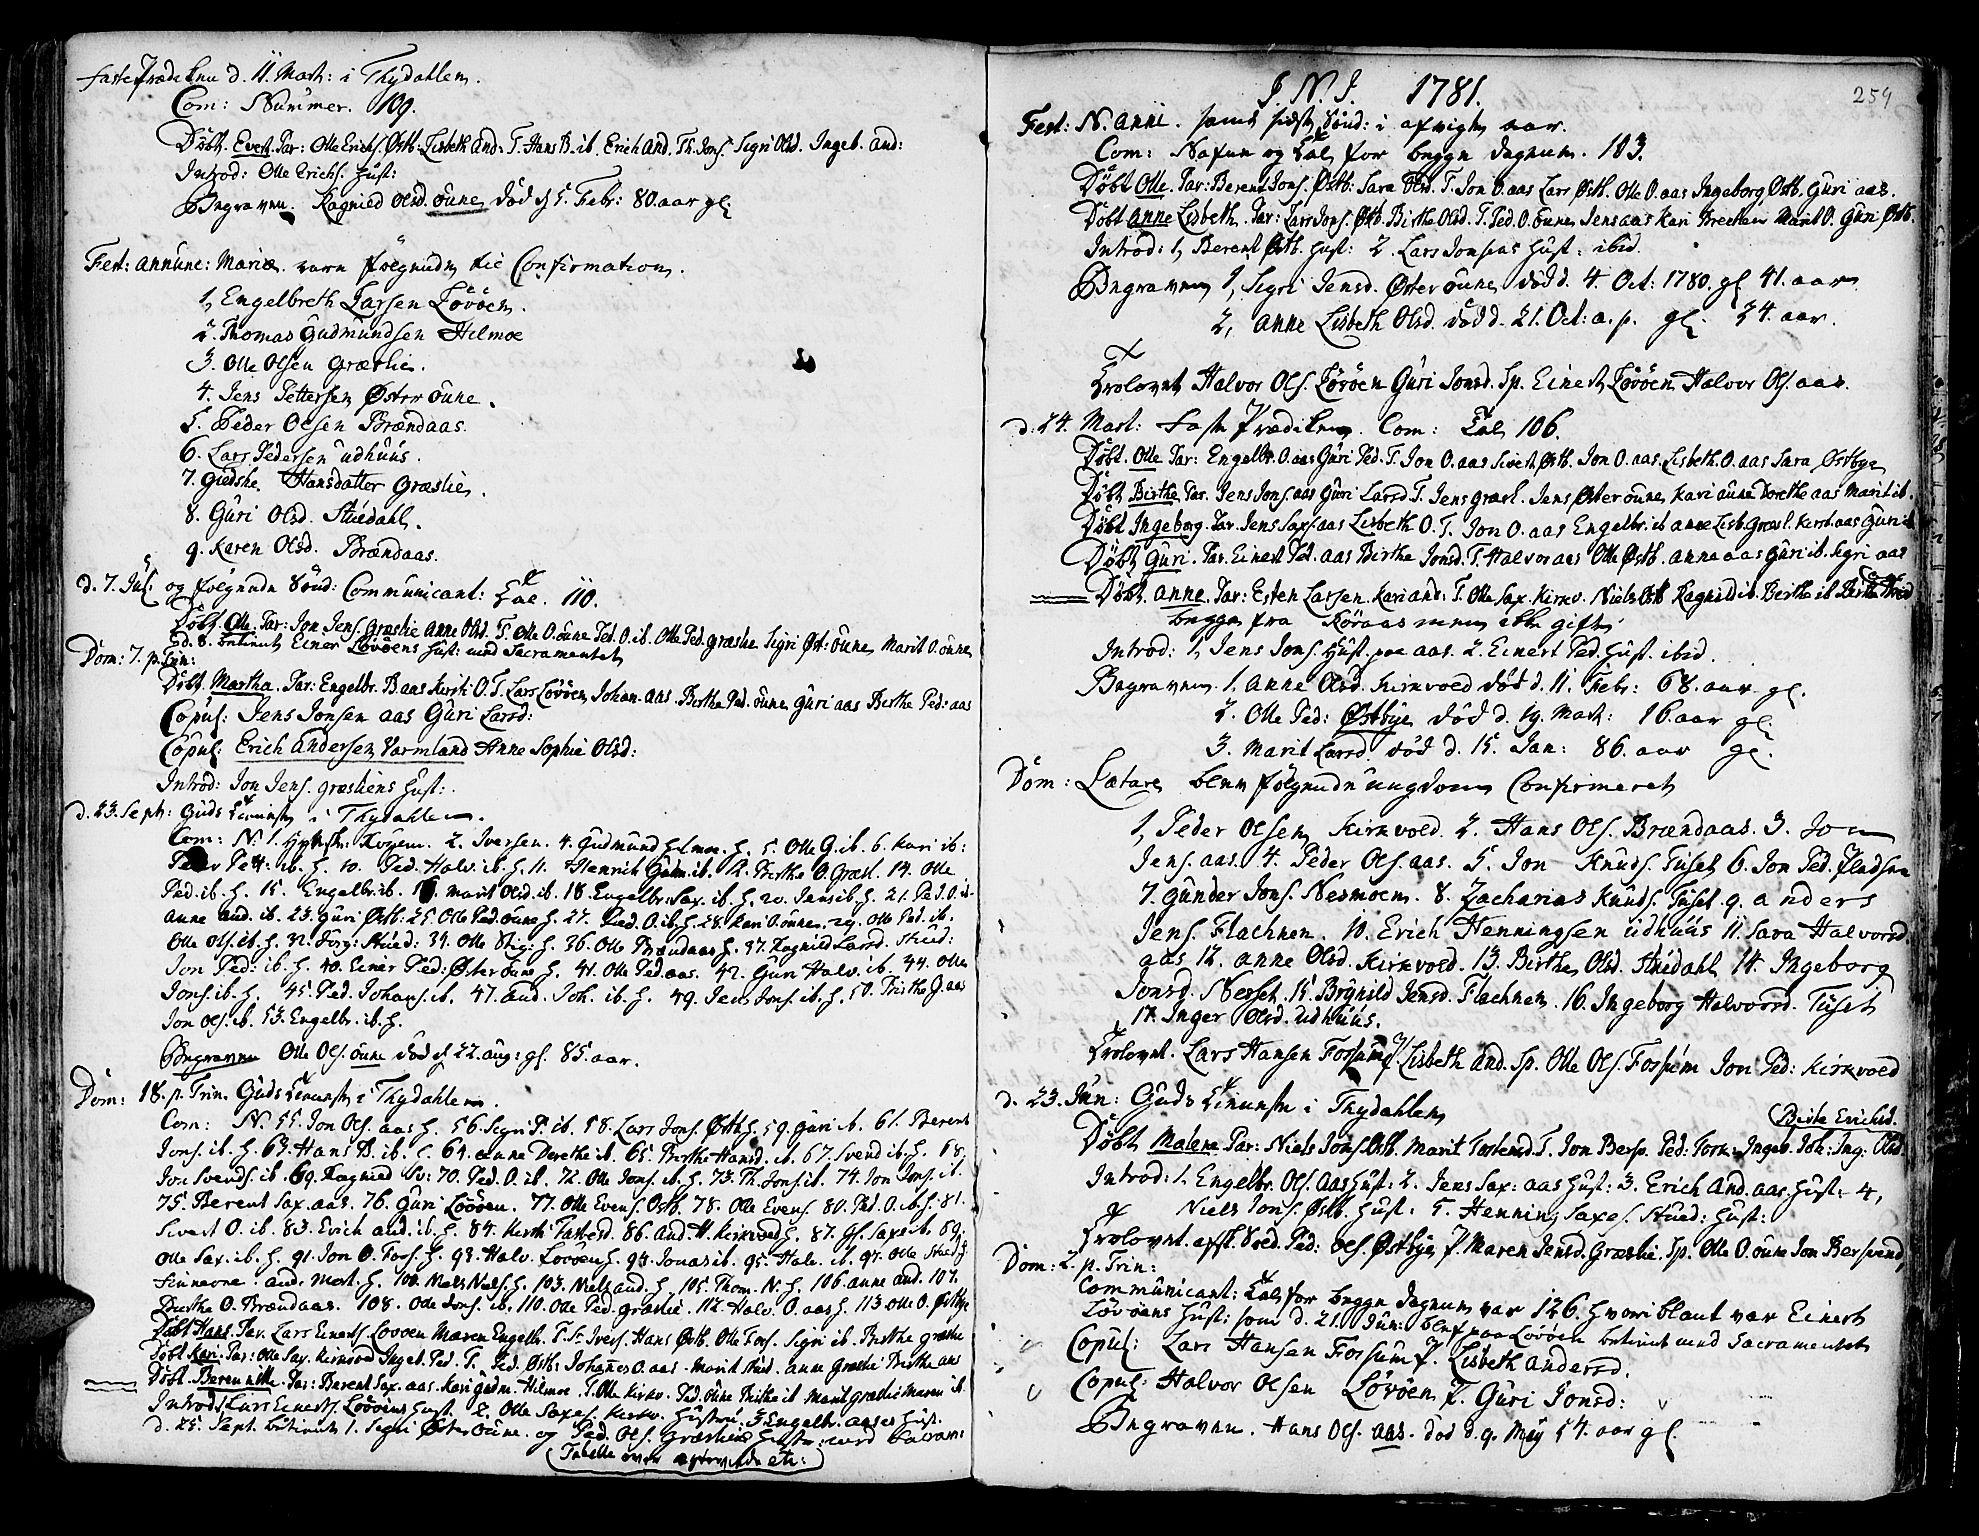 SAT, Ministerialprotokoller, klokkerbøker og fødselsregistre - Sør-Trøndelag, 695/L1139: Ministerialbok nr. 695A02 /2, 1776-1790, s. 259